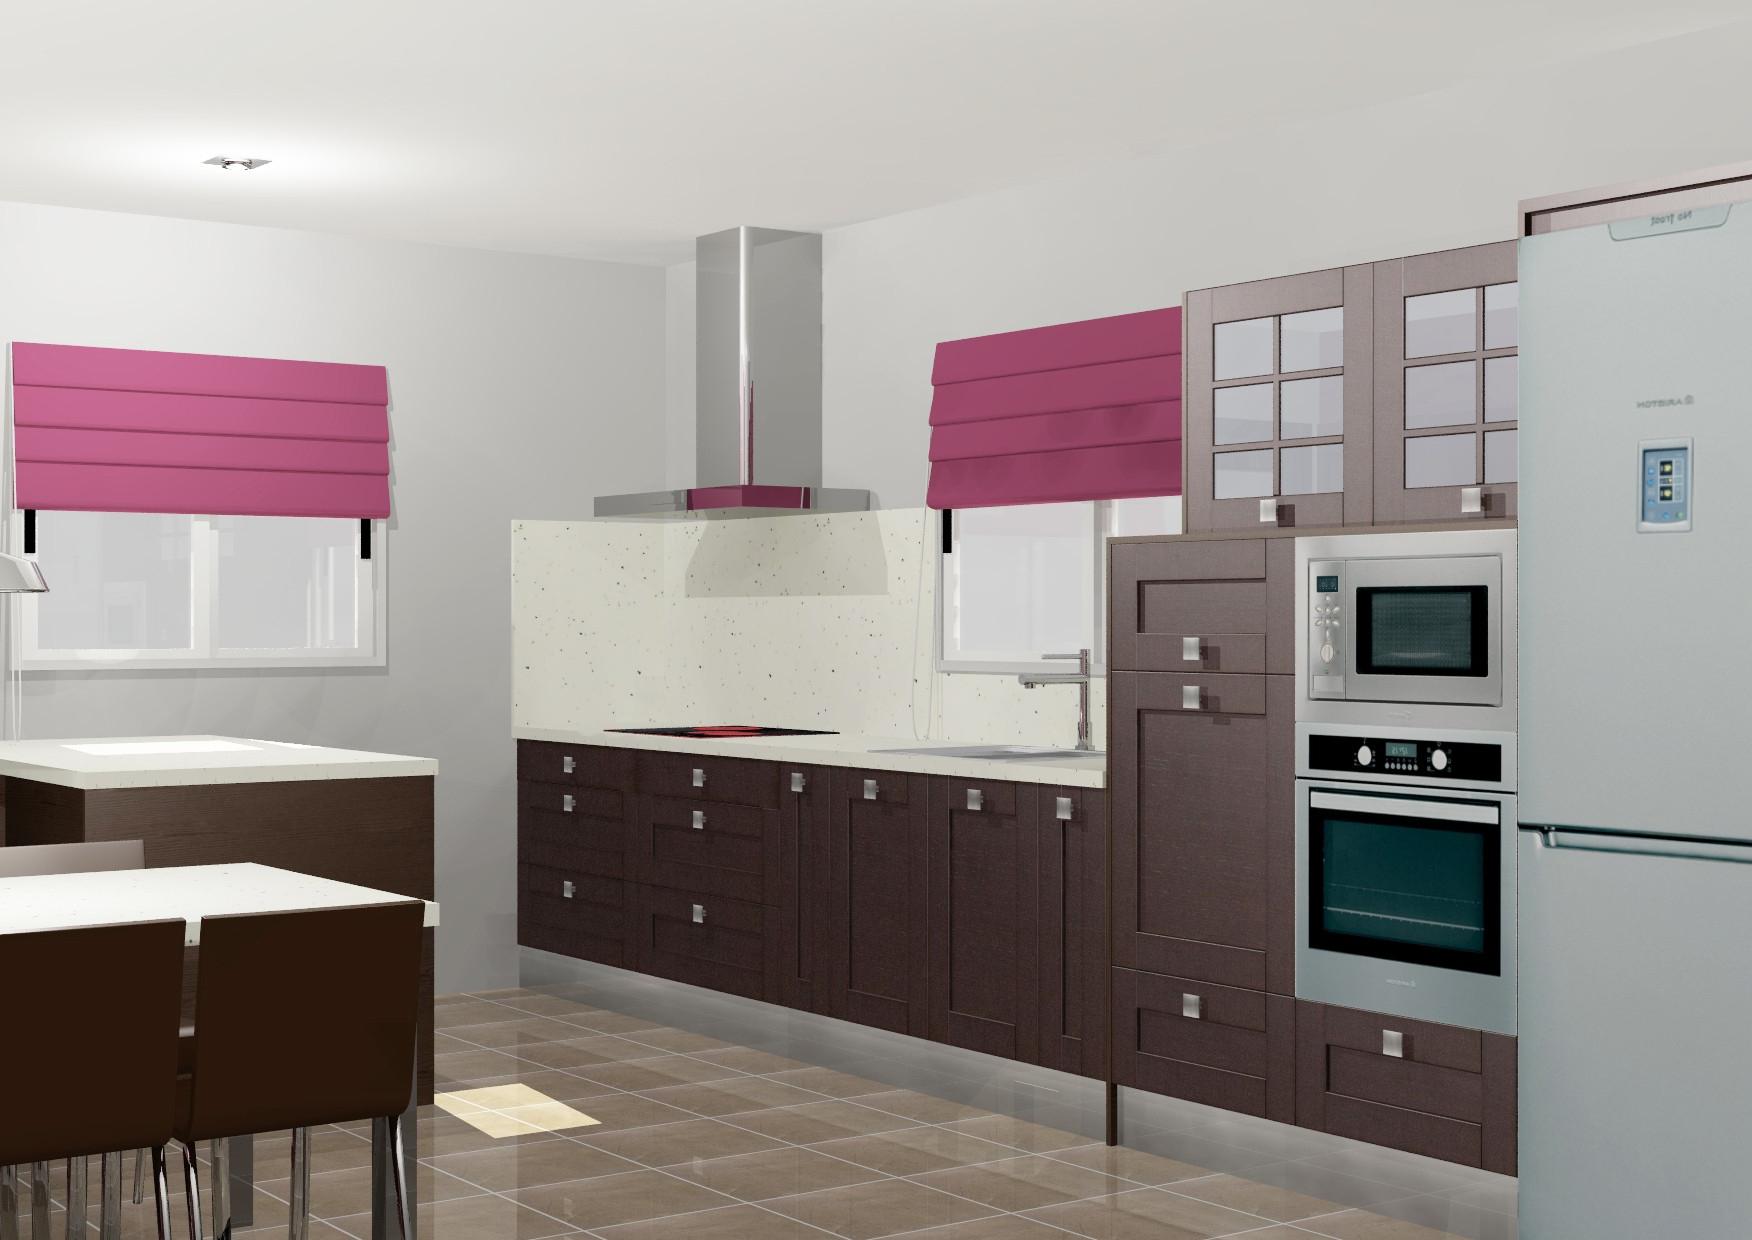 Muebles De Cocina Baratos Txdf Muebles De Cocina Baratos Online Prar Cocinas Online Sercosan